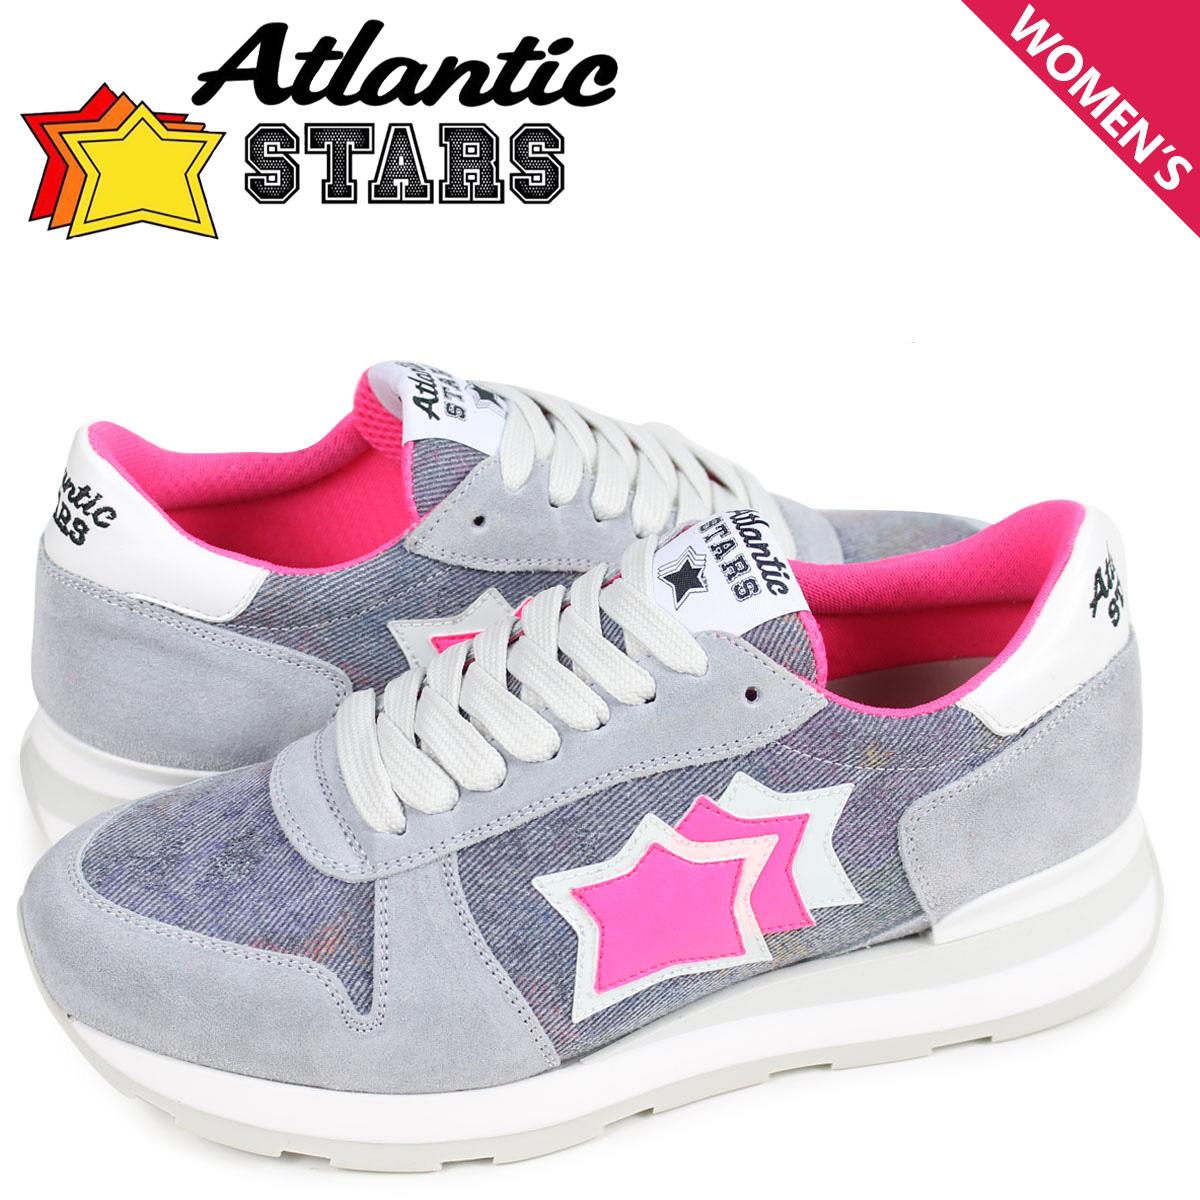 最新作 Atlantic STARS レディース スニーカー アトランティックスターズ ジェンマ GEMMA レディース STARS スニーカー AJF-86B グレー, 日本のあかり simple lights store:288780a7 --- clftranspo.dominiotemporario.com